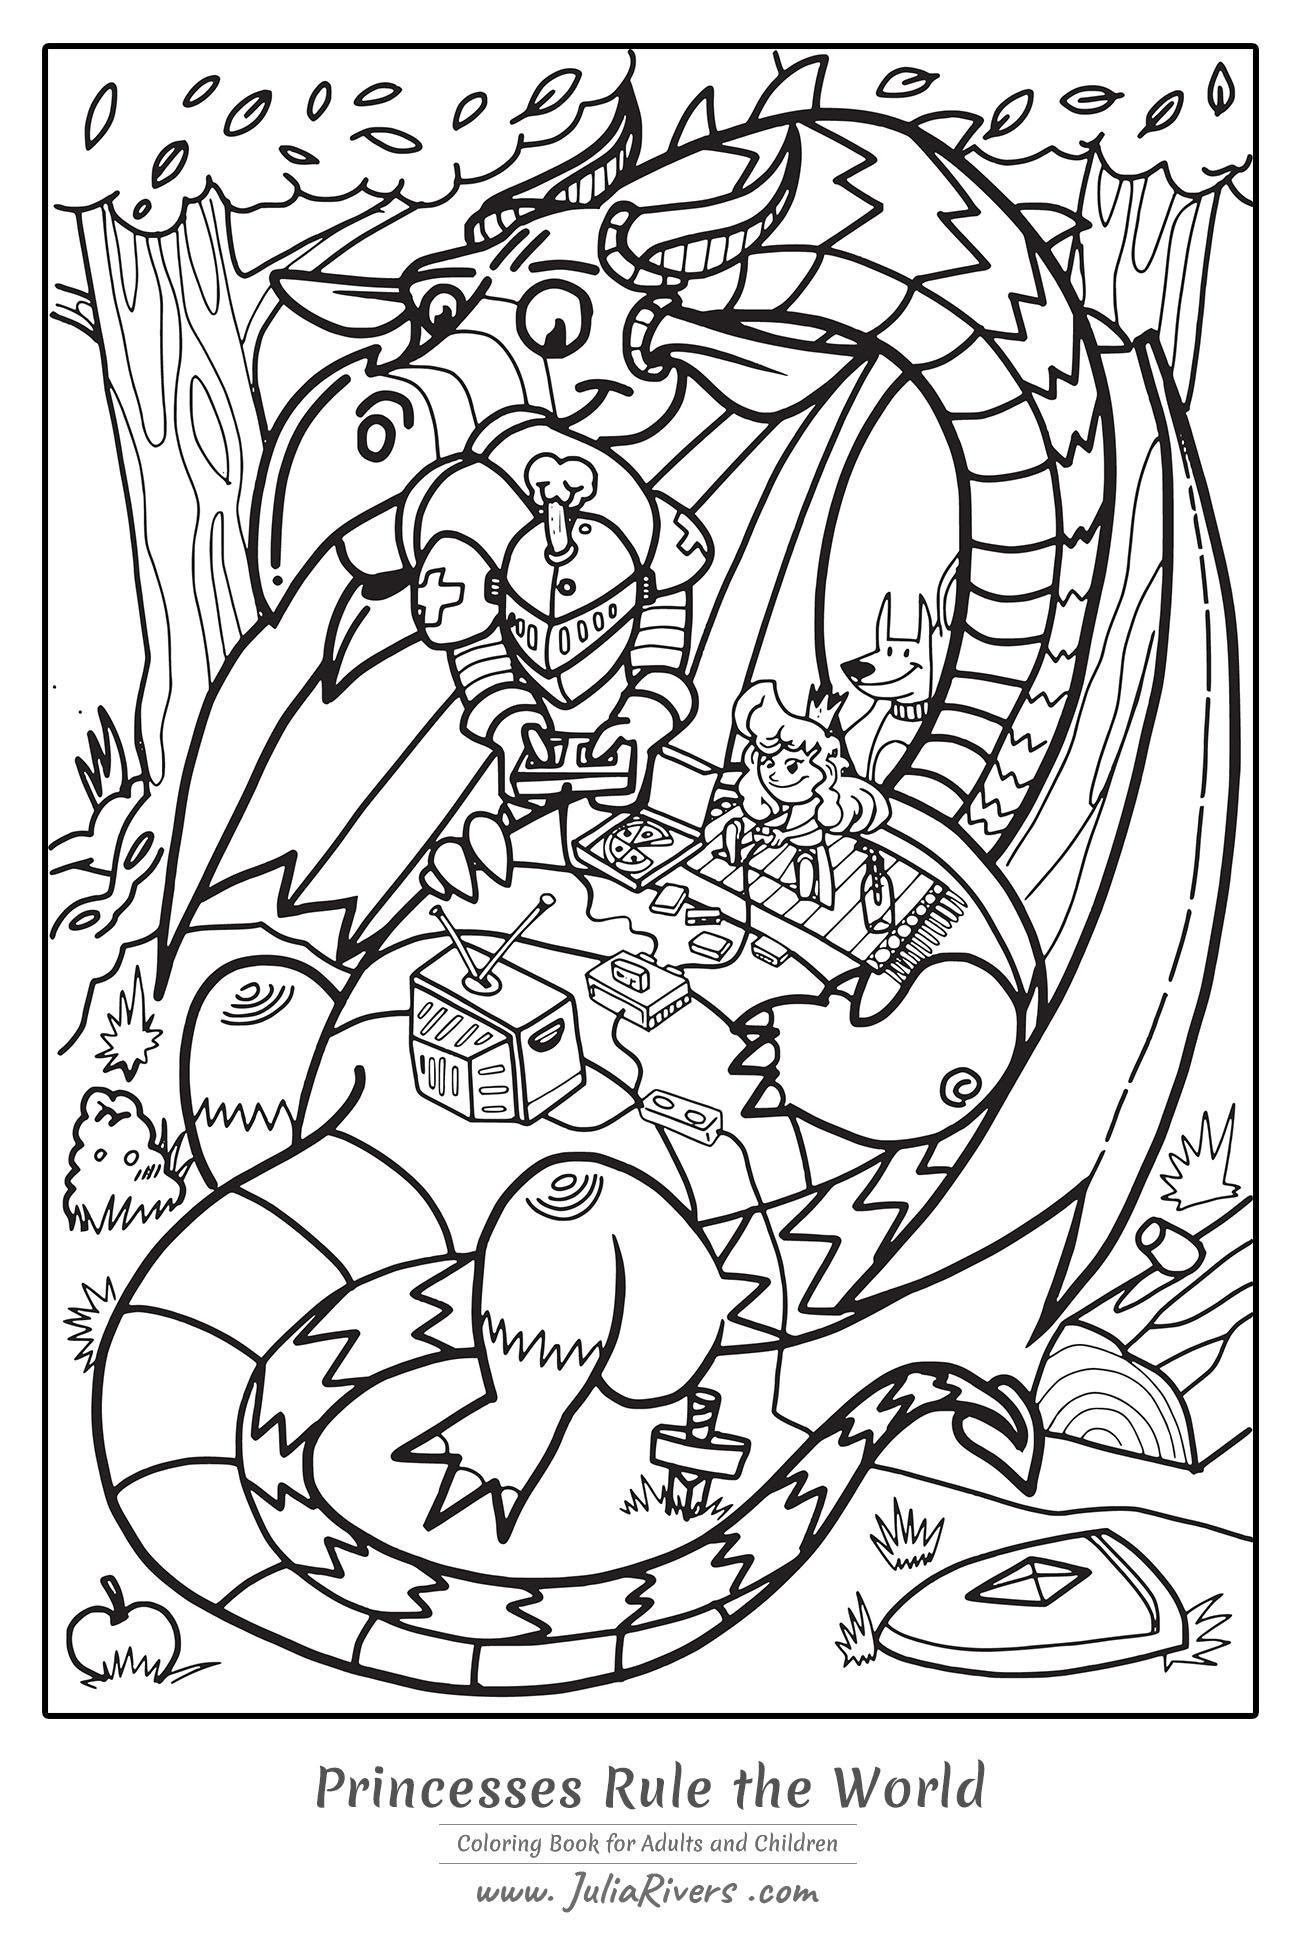 'Les Princesses dirigent le Monde' : un coloriage original représentant une princesse et un chevalier jouant aux jeux vidéos sur un sympathique dragon